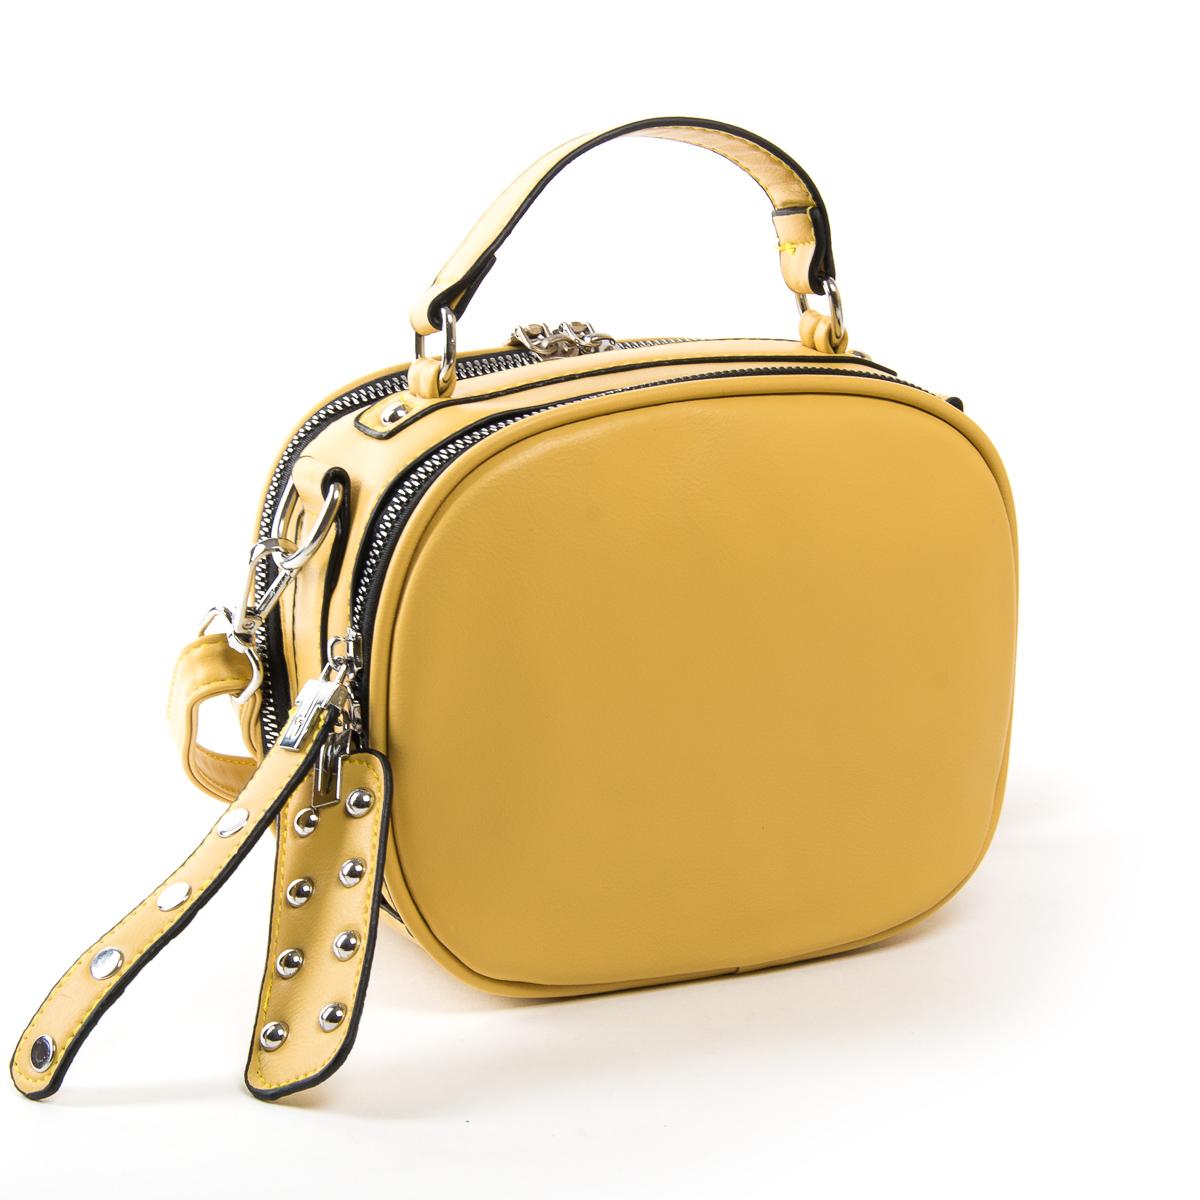 Сумка Женская Классическая иск-кожа FASHION 01-01 9879 yellow